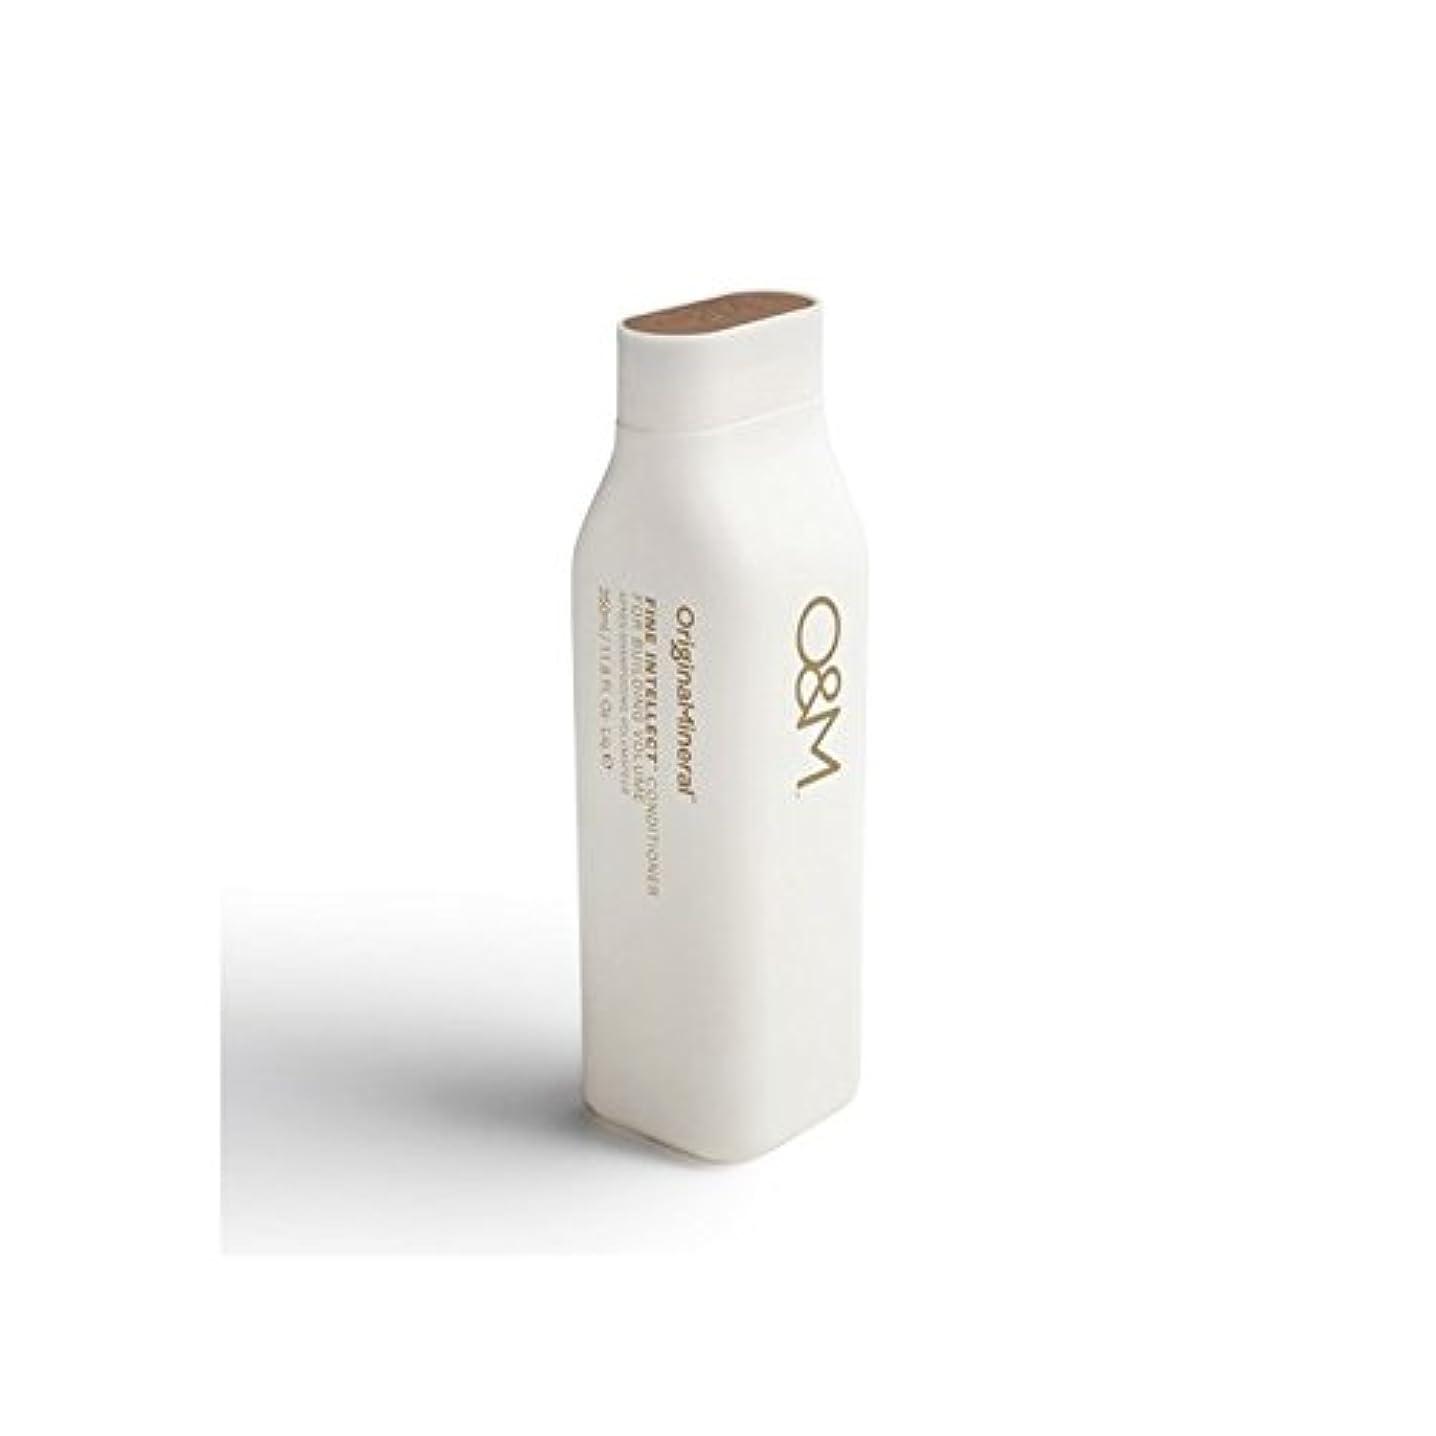 ゆでる構成植物学者オリジナル&ミネラル細かい知性コンディショナー(350ミリリットル) x2 - Original & Mineral Fine Intellect Conditioner (350ml) (Pack of 2) [並行輸入品]